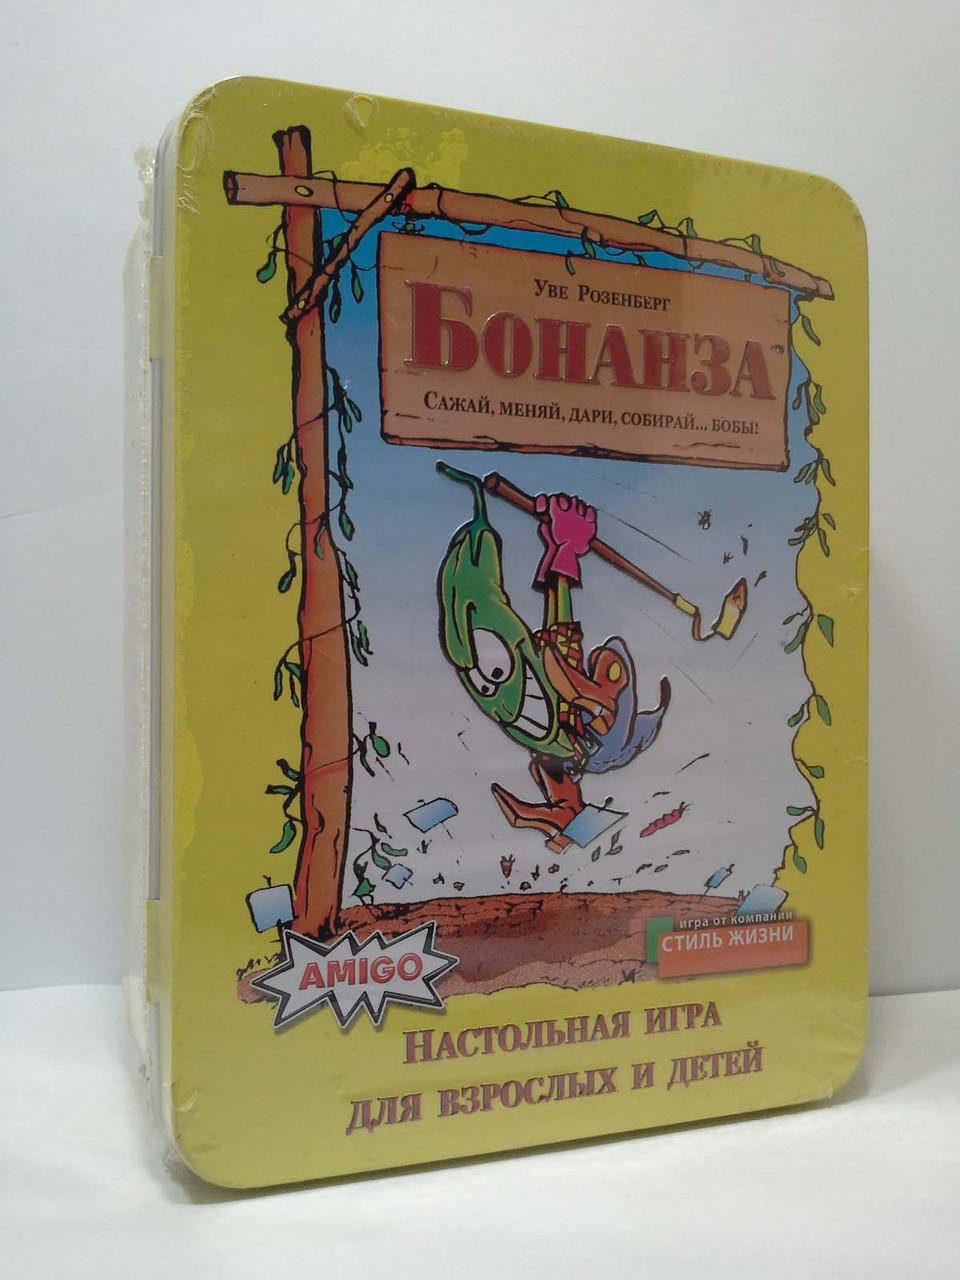 Настольная игра Amigo Бонанза Делюкс (Bohnanza) [8-99] [2-7 игрока] Стиль жизни